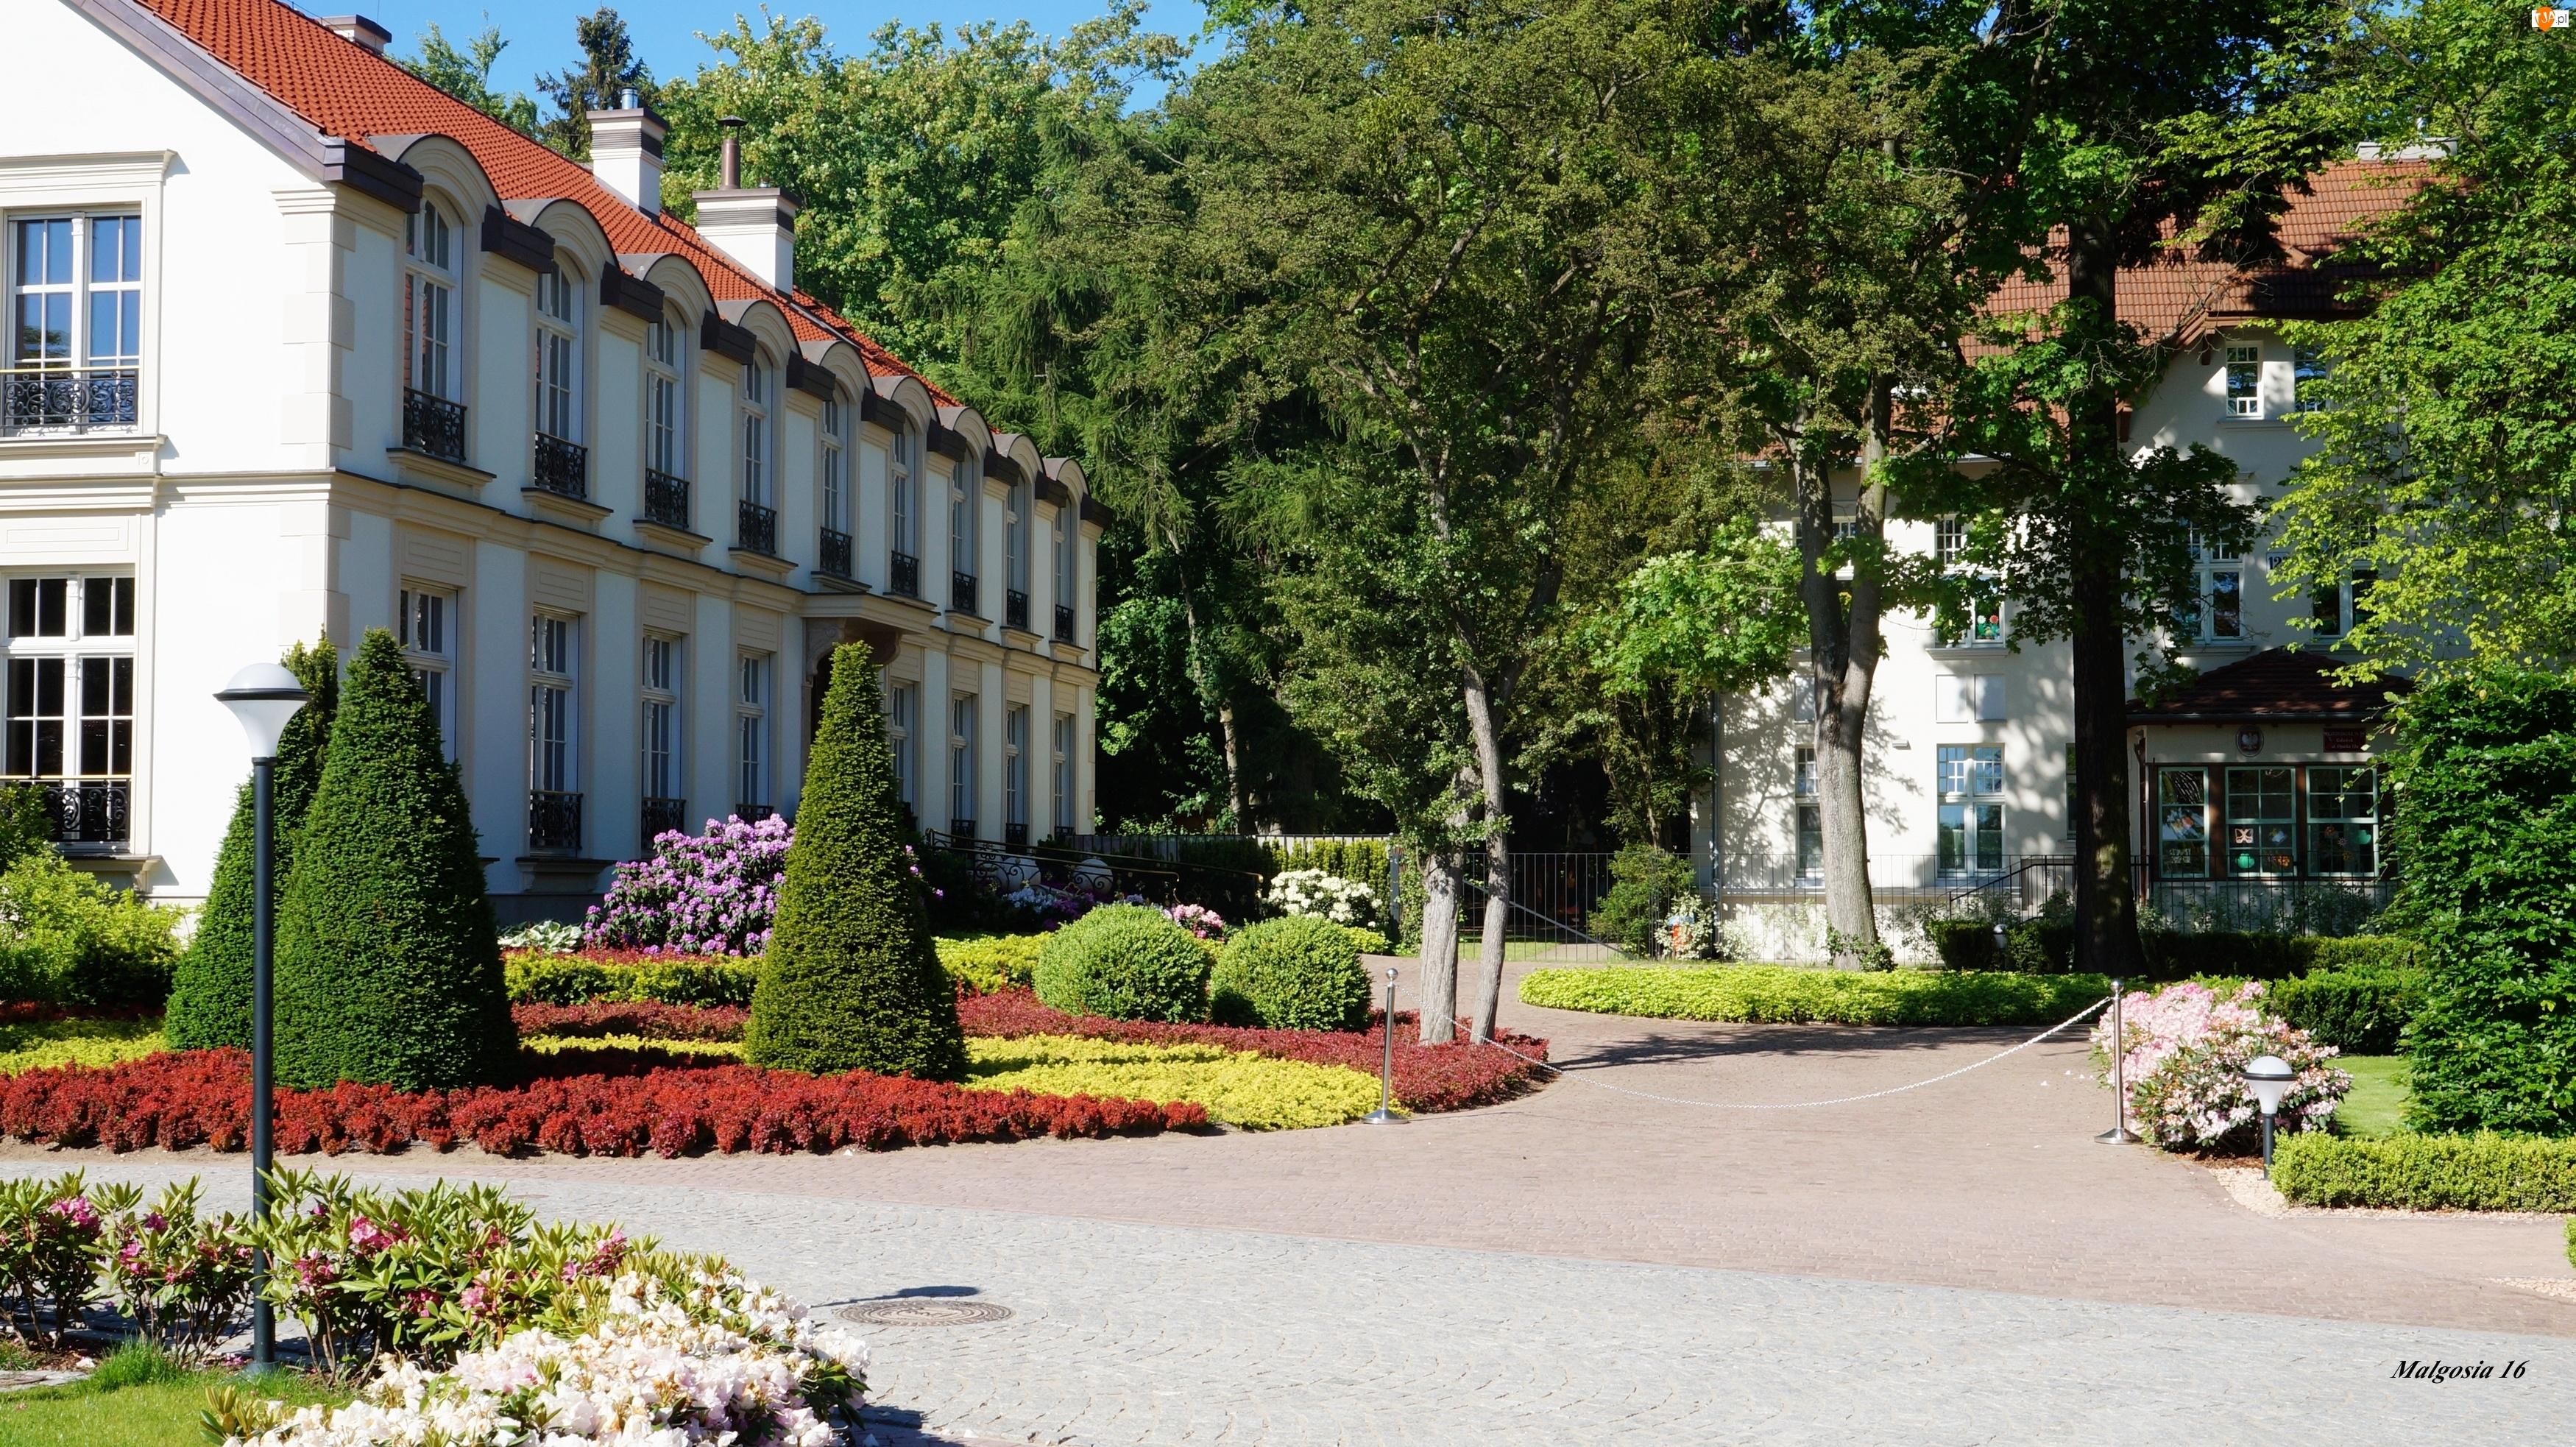 Kwiaty, Park Oliwski, Dworek, Budynek, Alejki, Ogród, Rośliny